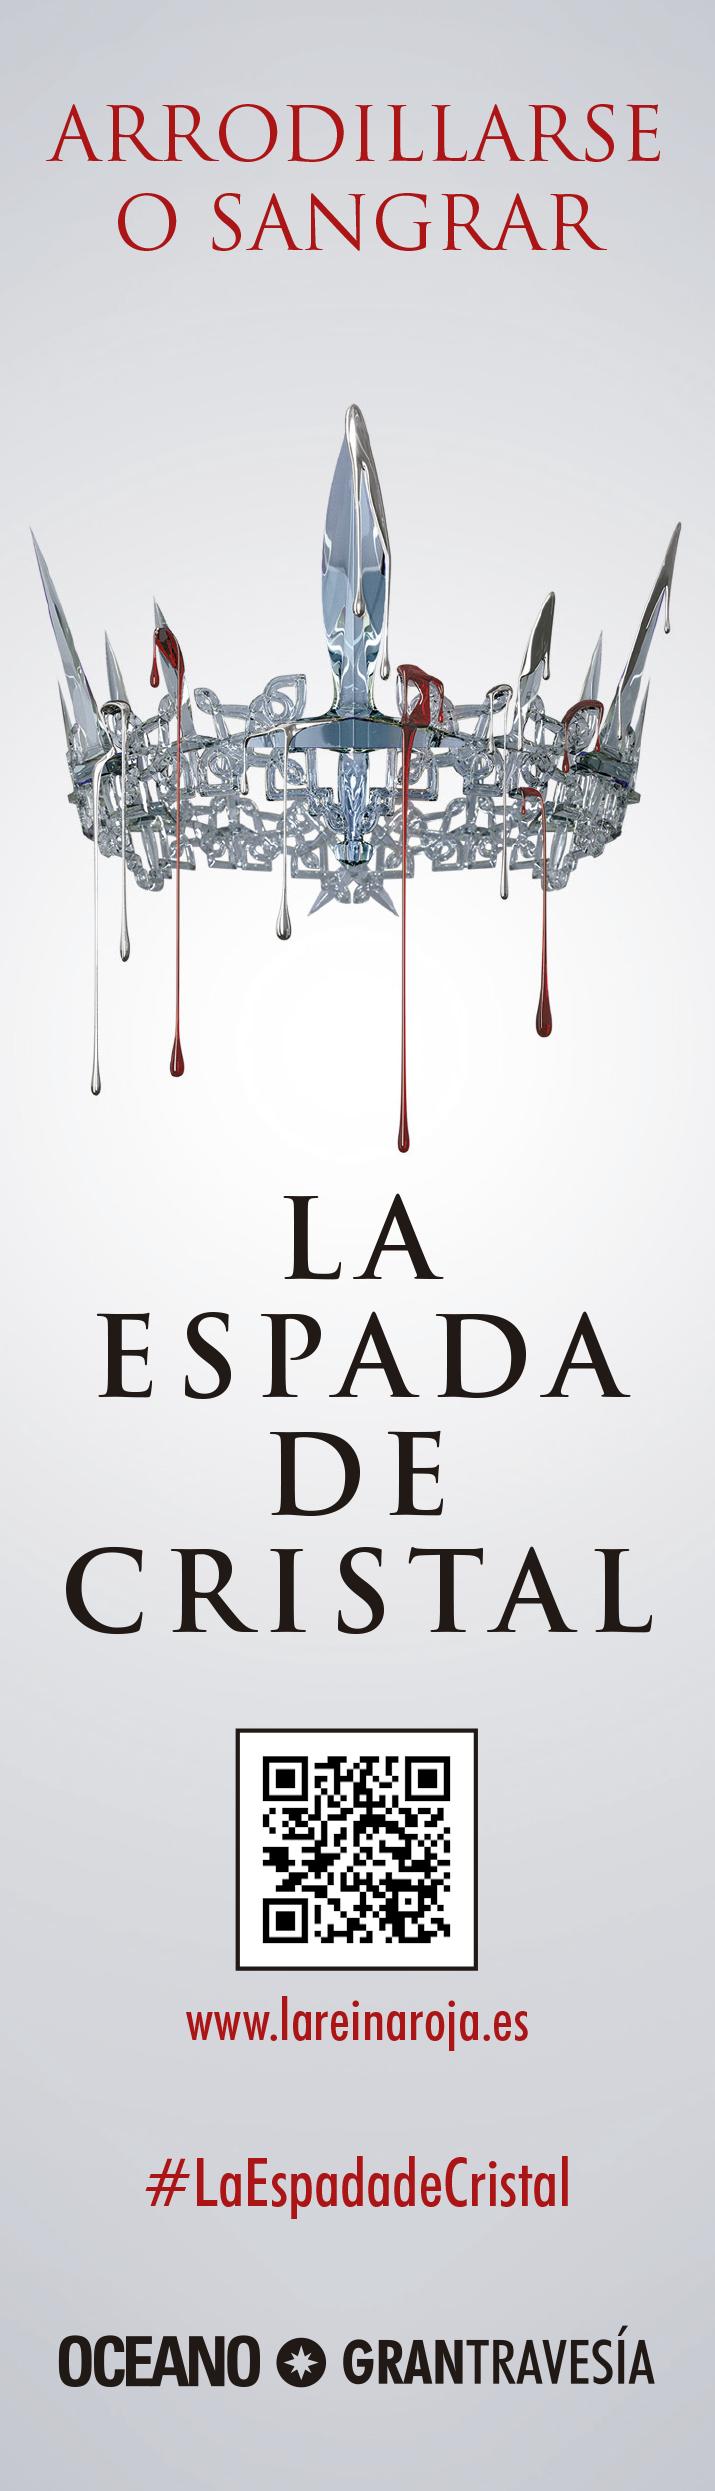 EspadaCristal_MarcaPaginas 1